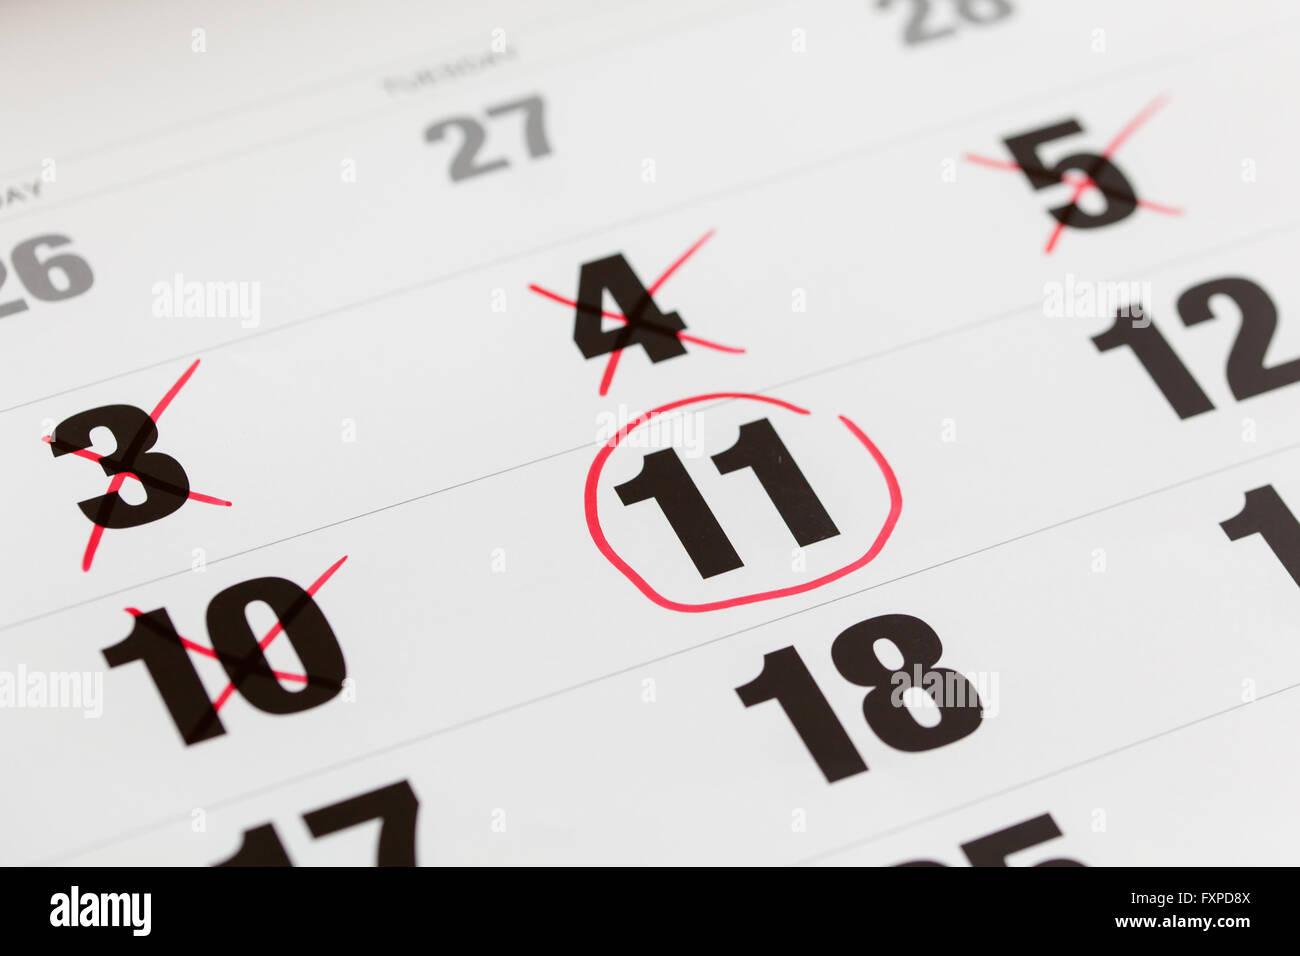 Calendario Conto Alla Rovescia.Il Cerchio Rosso Contrassegnato Su Un Calendario E X Mark